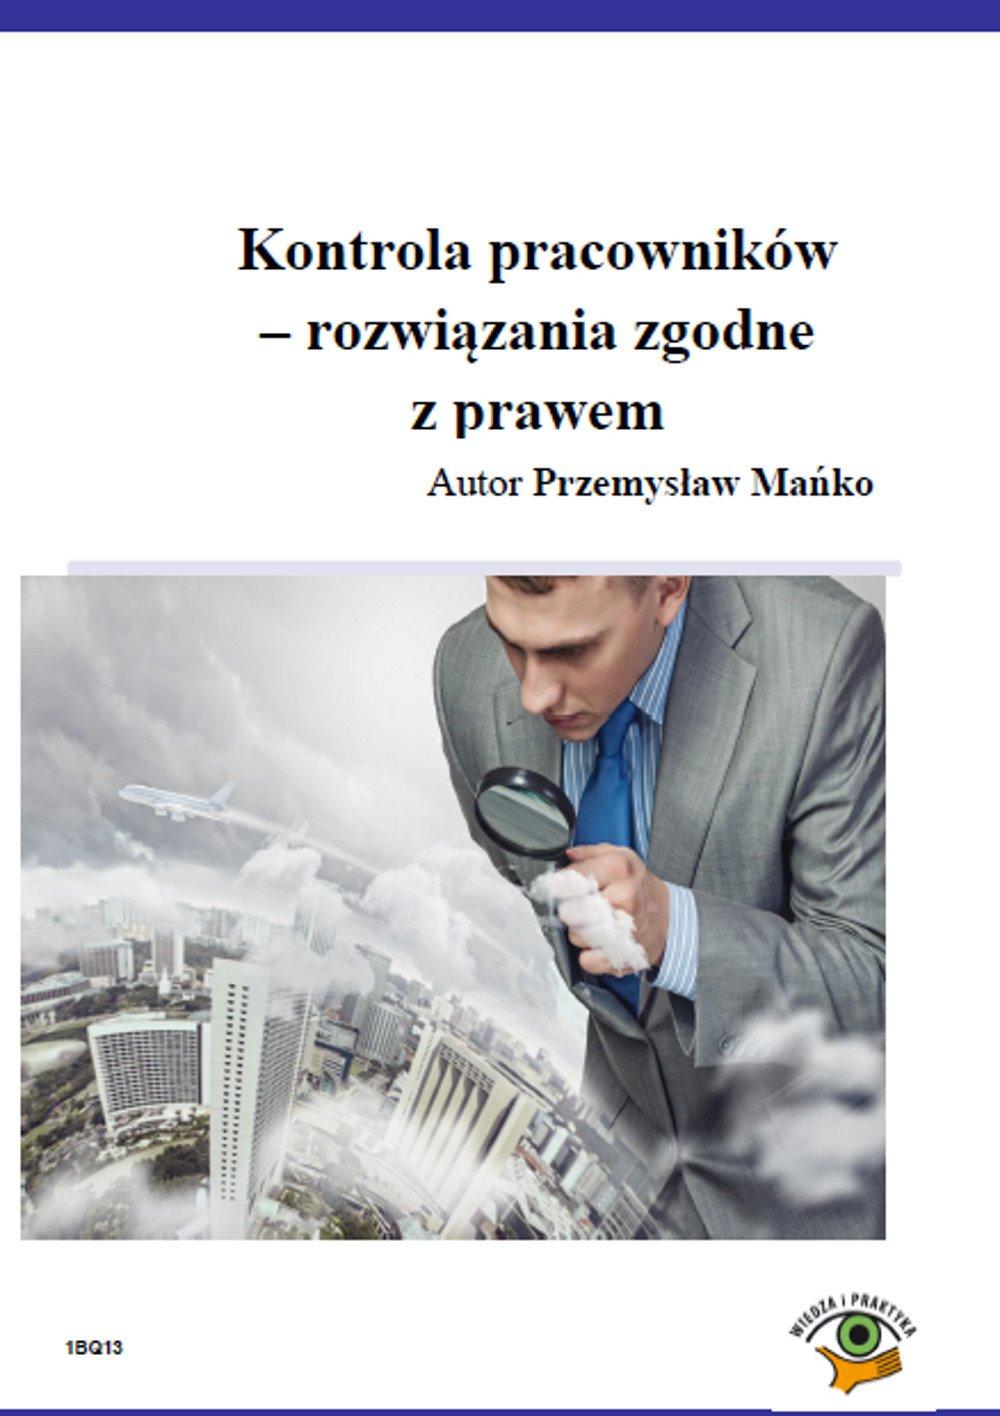 Kontrola pracowników - rozwiązania zgodne z prawem - Ebook (Książka na Kindle) do pobrania w formacie MOBI